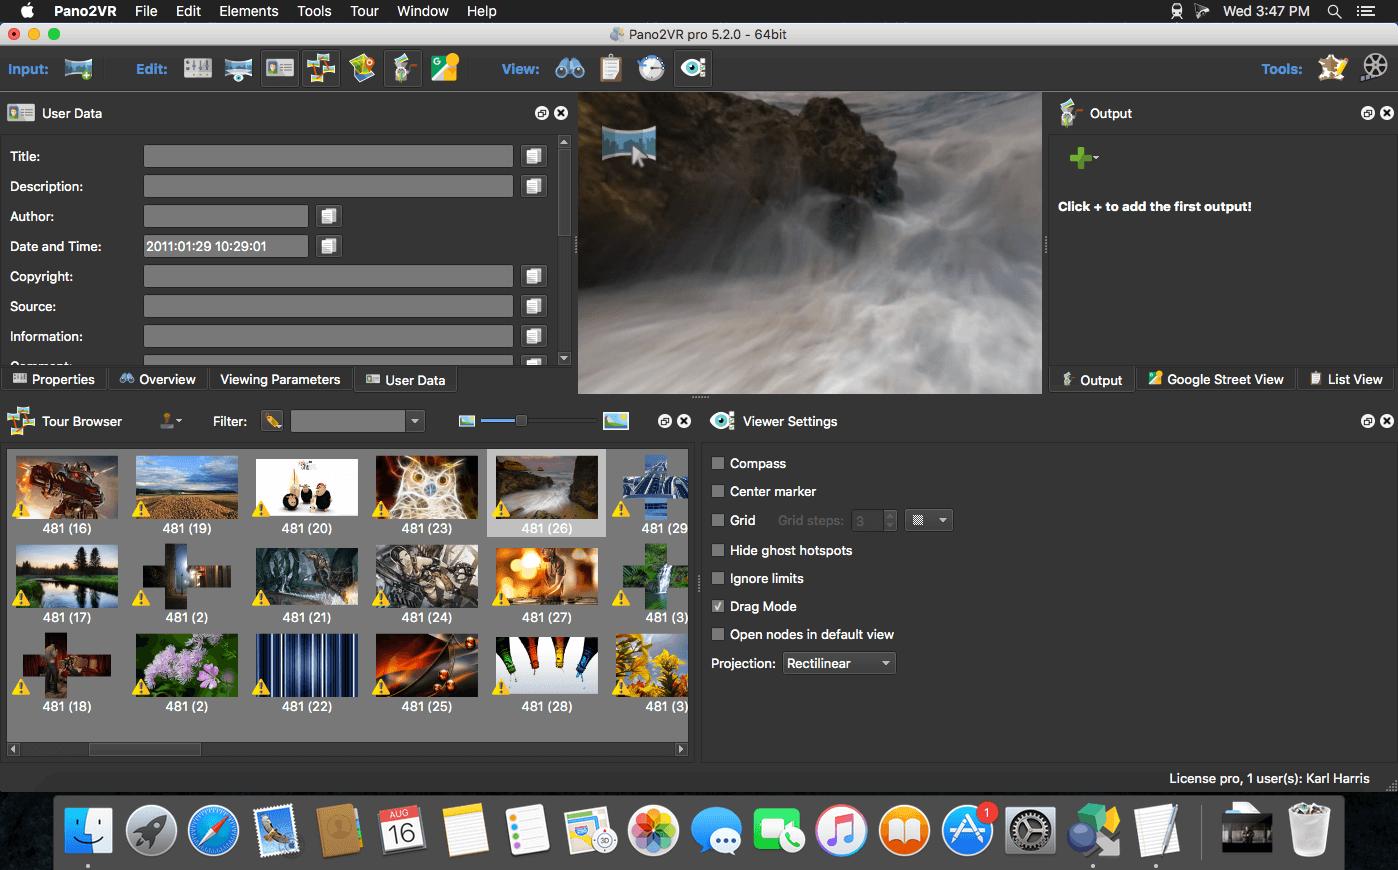 Pano2VR Pro Mac